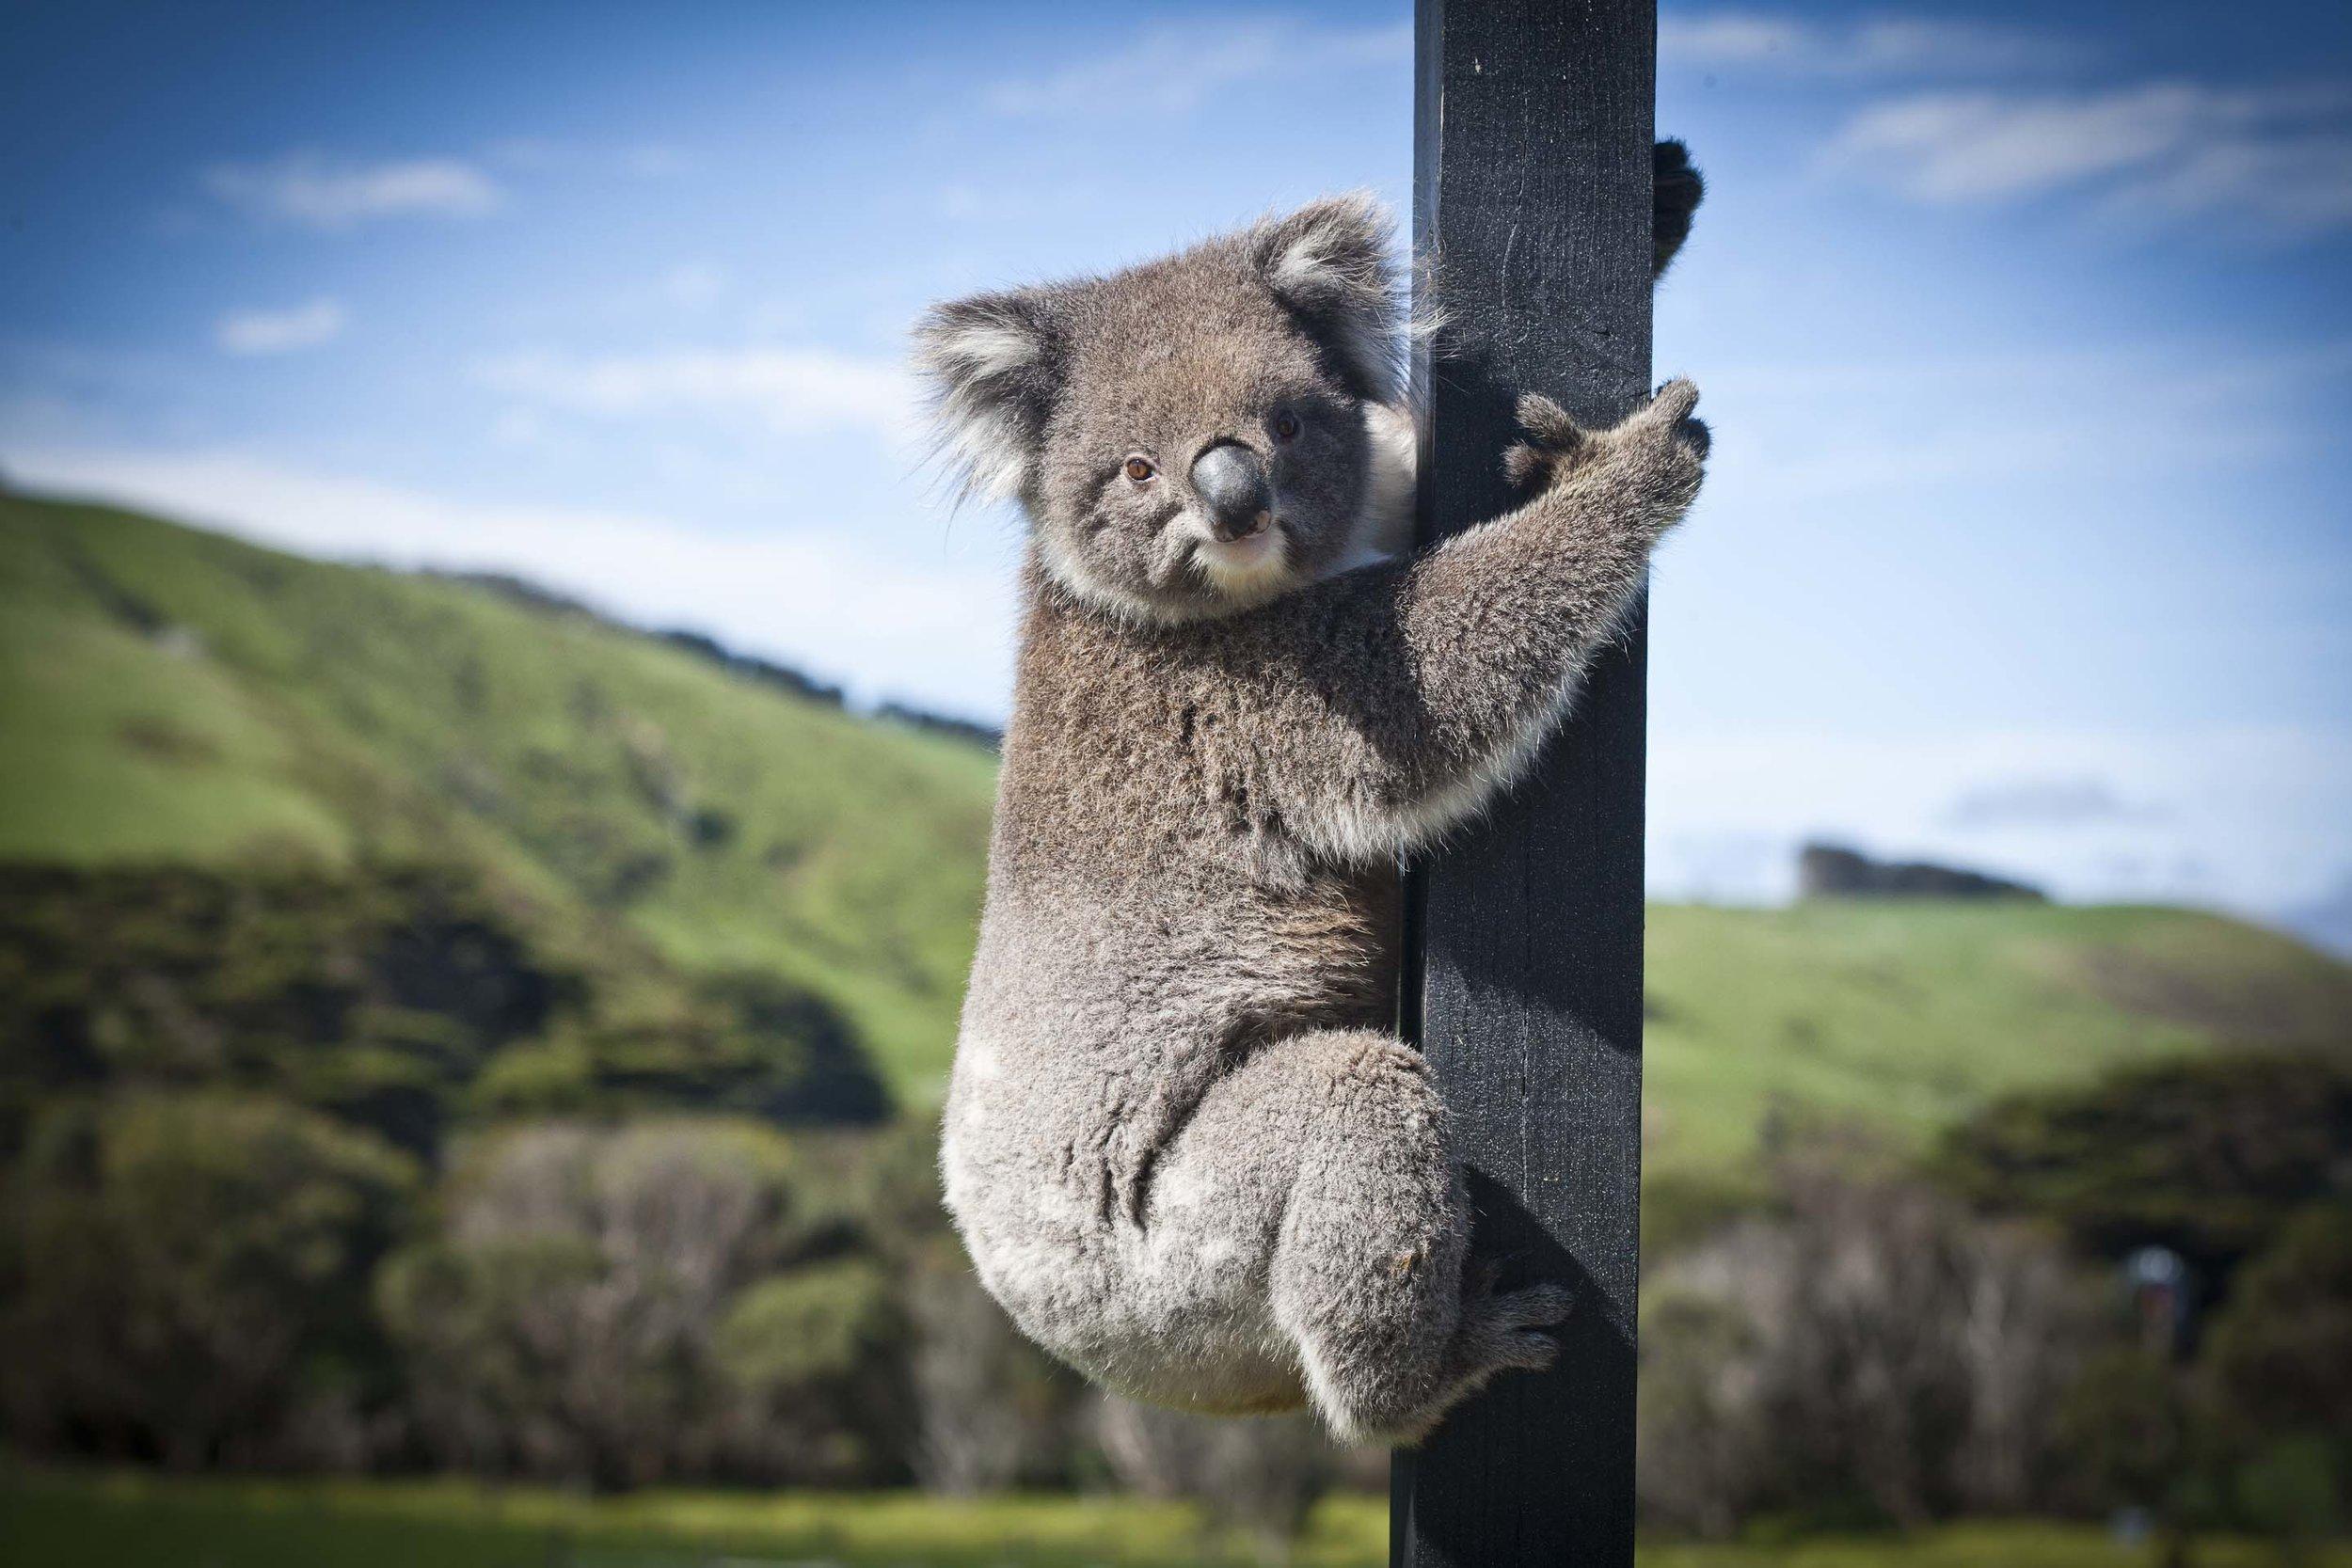 Koala Bear at Chi Medicinal Farm Pose 1